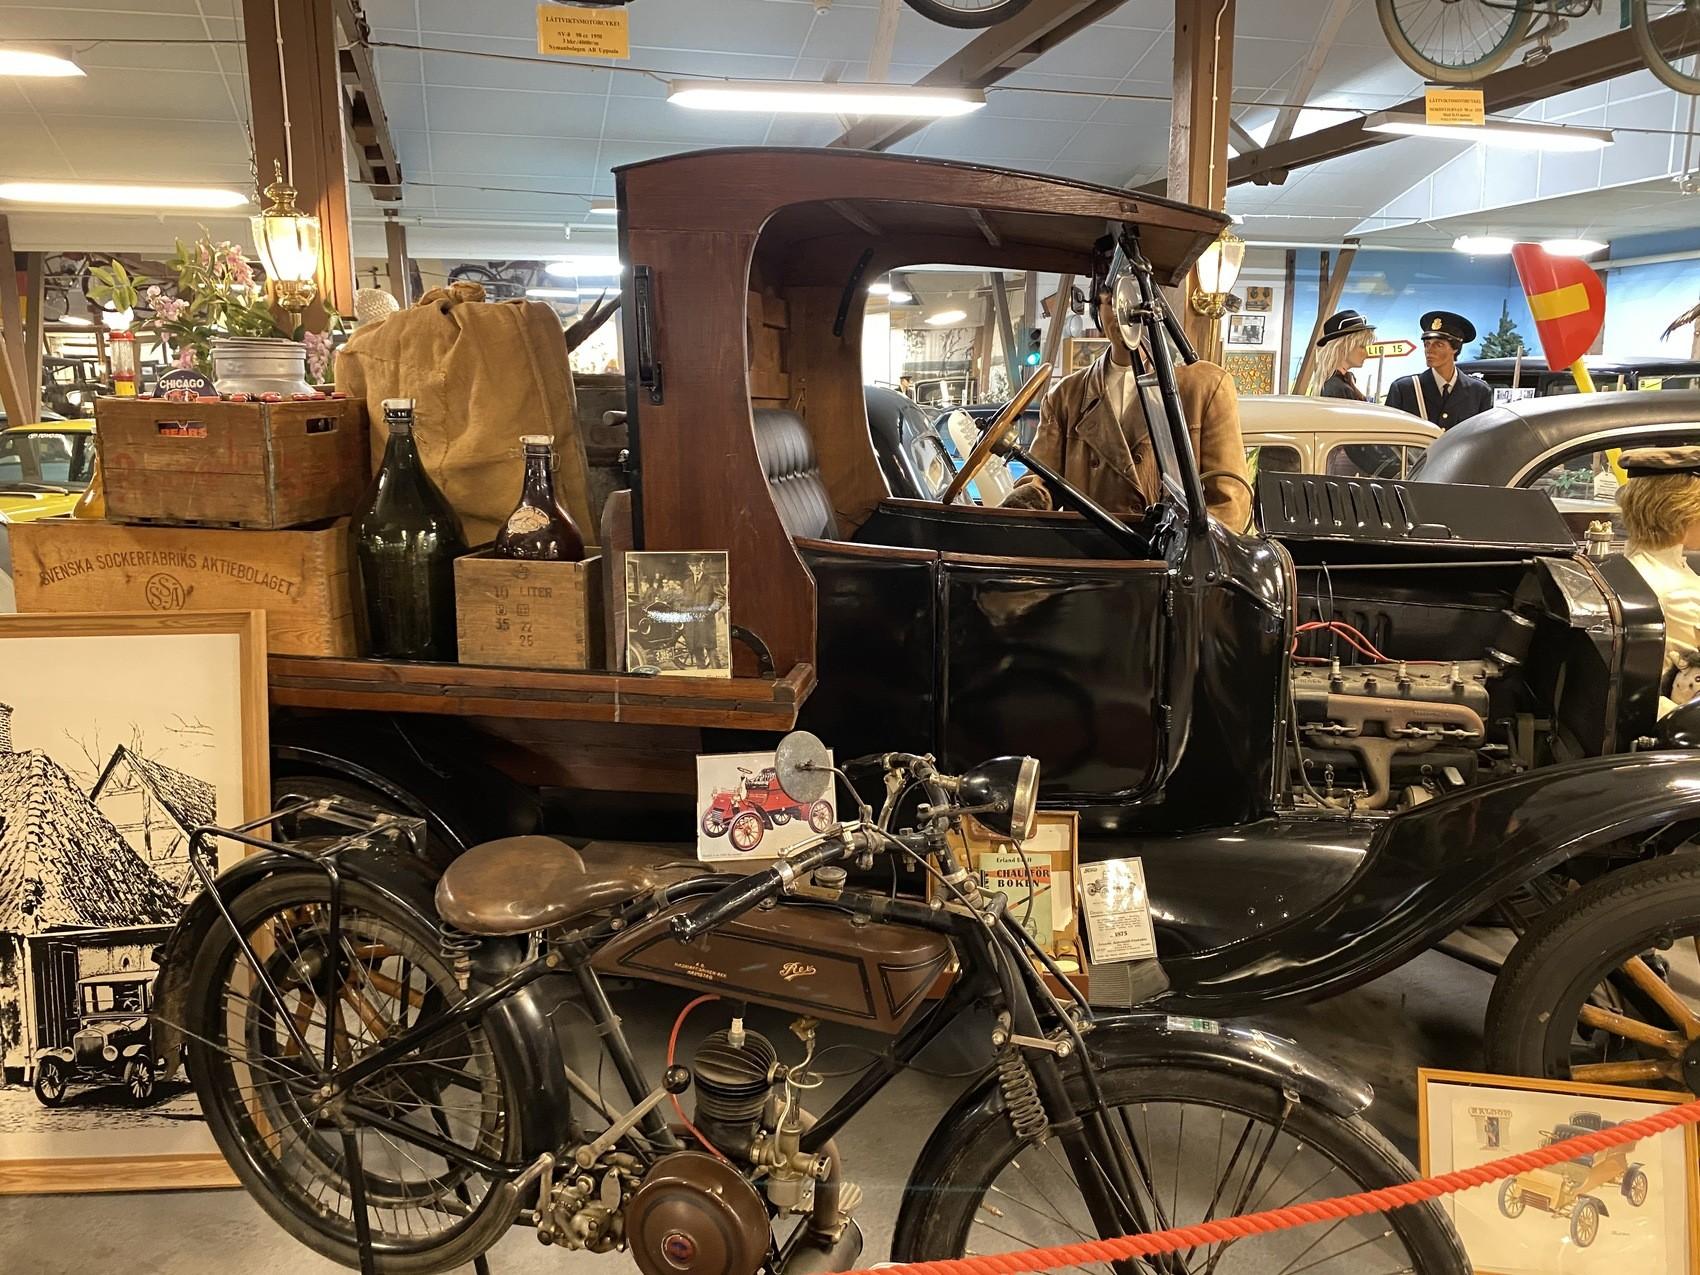 En mycket gammal moped står framför en väldigt vacker glänsande gammal bil.